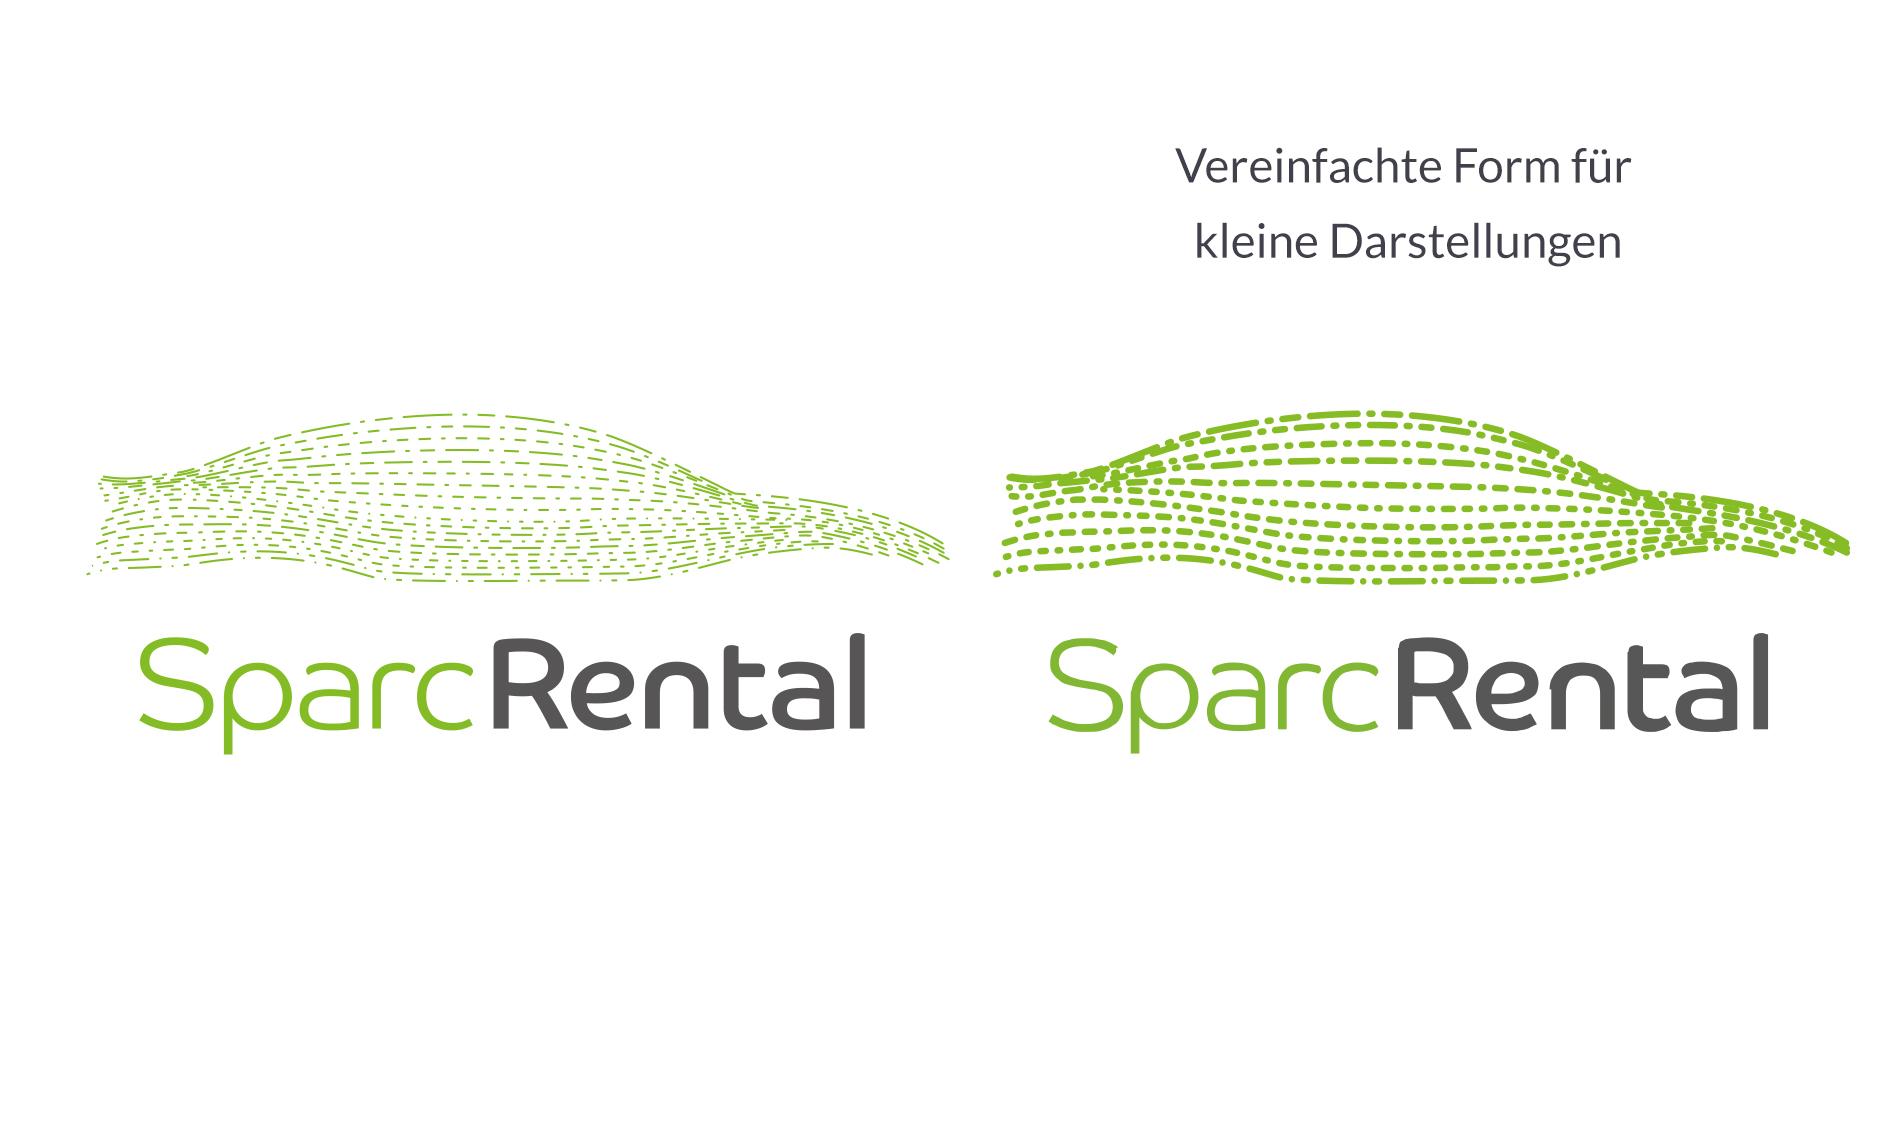 Kuki Design SparcRental Logogestaltung Vergleich einfache Version